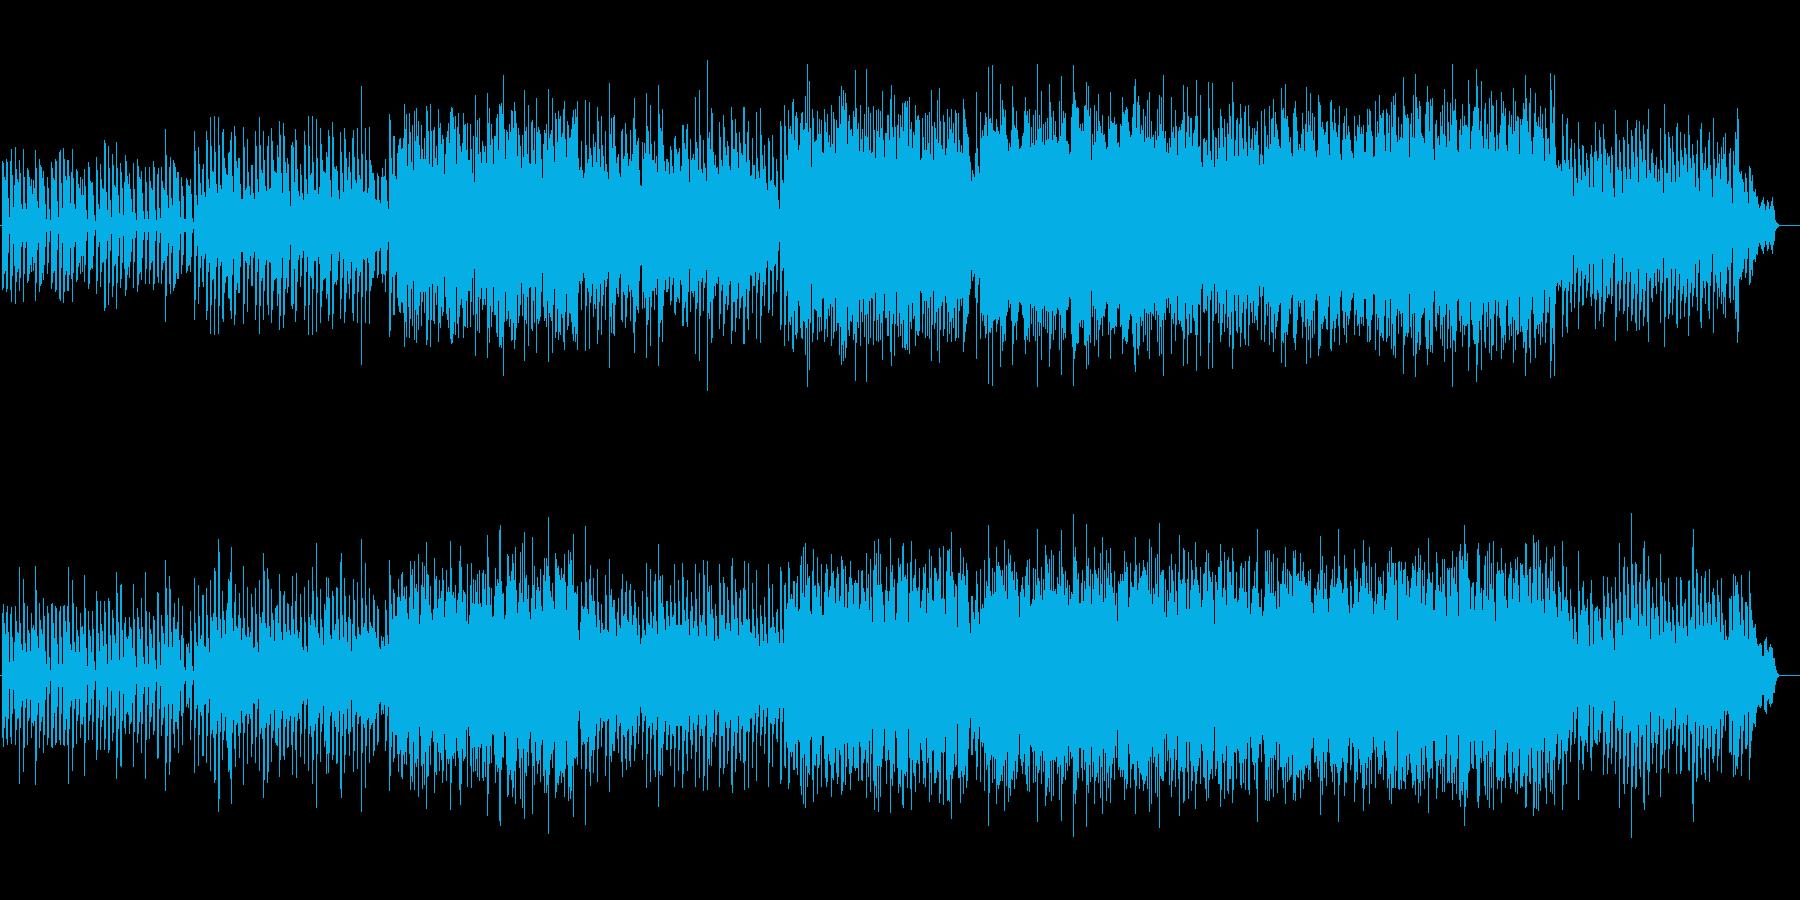 物語の始まりの再生済みの波形